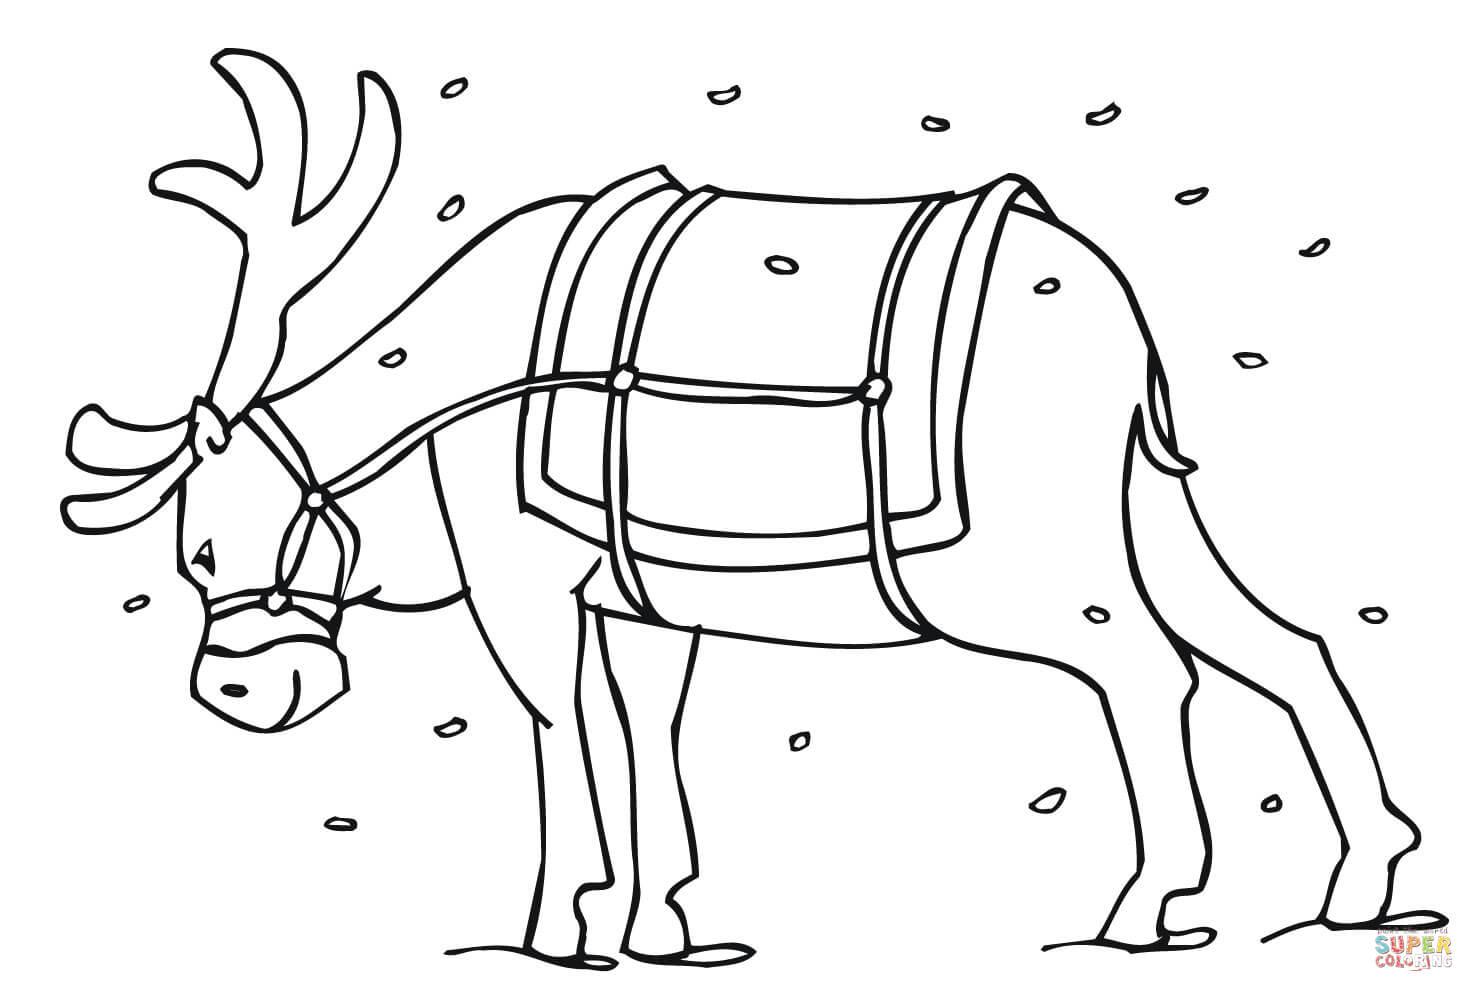 Reindeer Coloring Pages Pdf : Santa s reindeer coloring page free printable